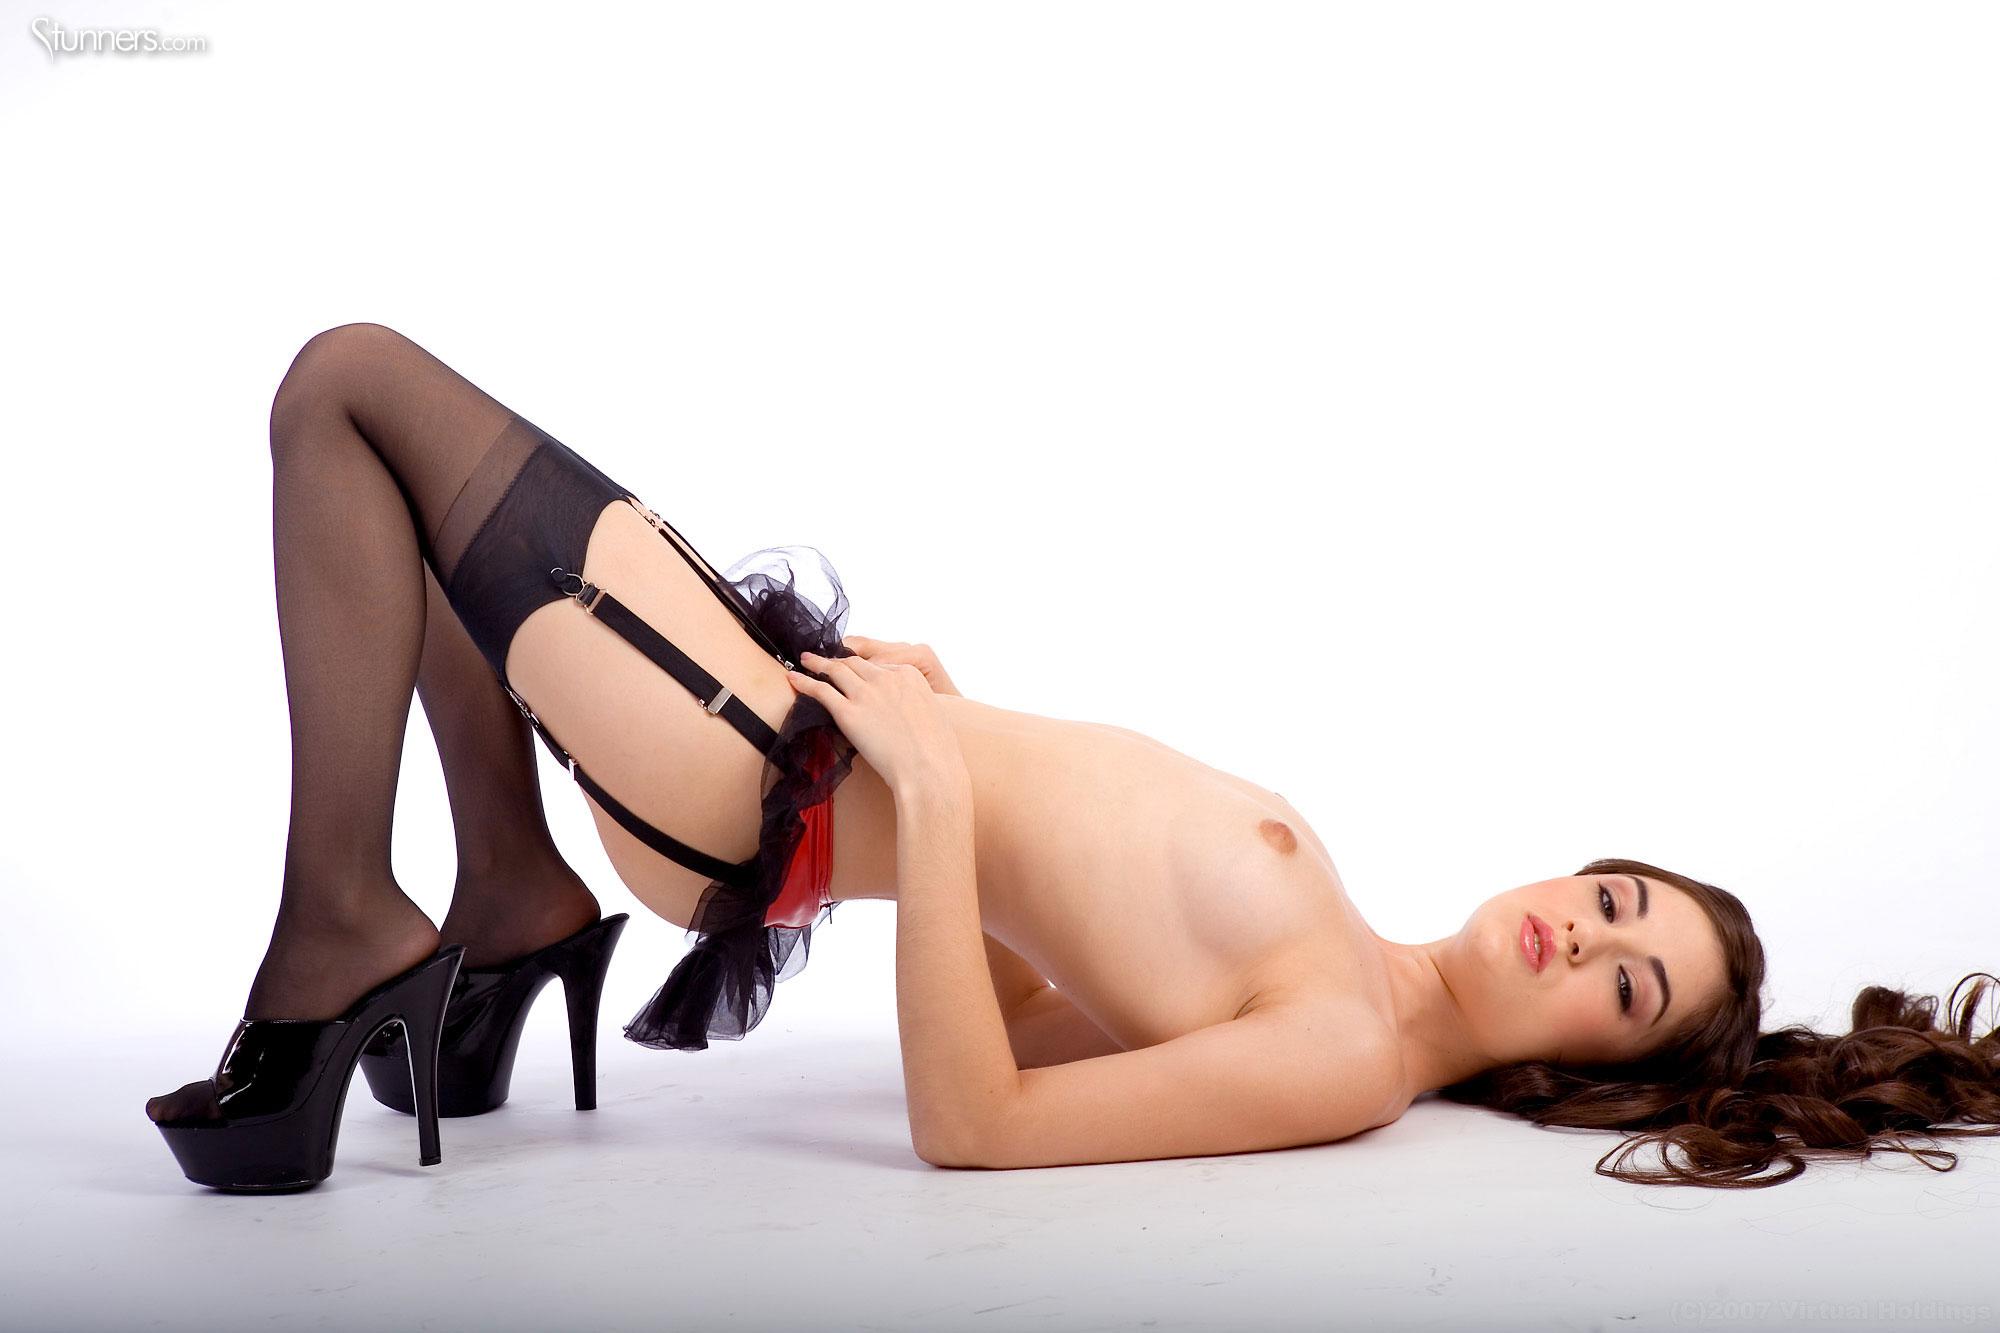 Саша грей и алексис техас порно 28 фотография